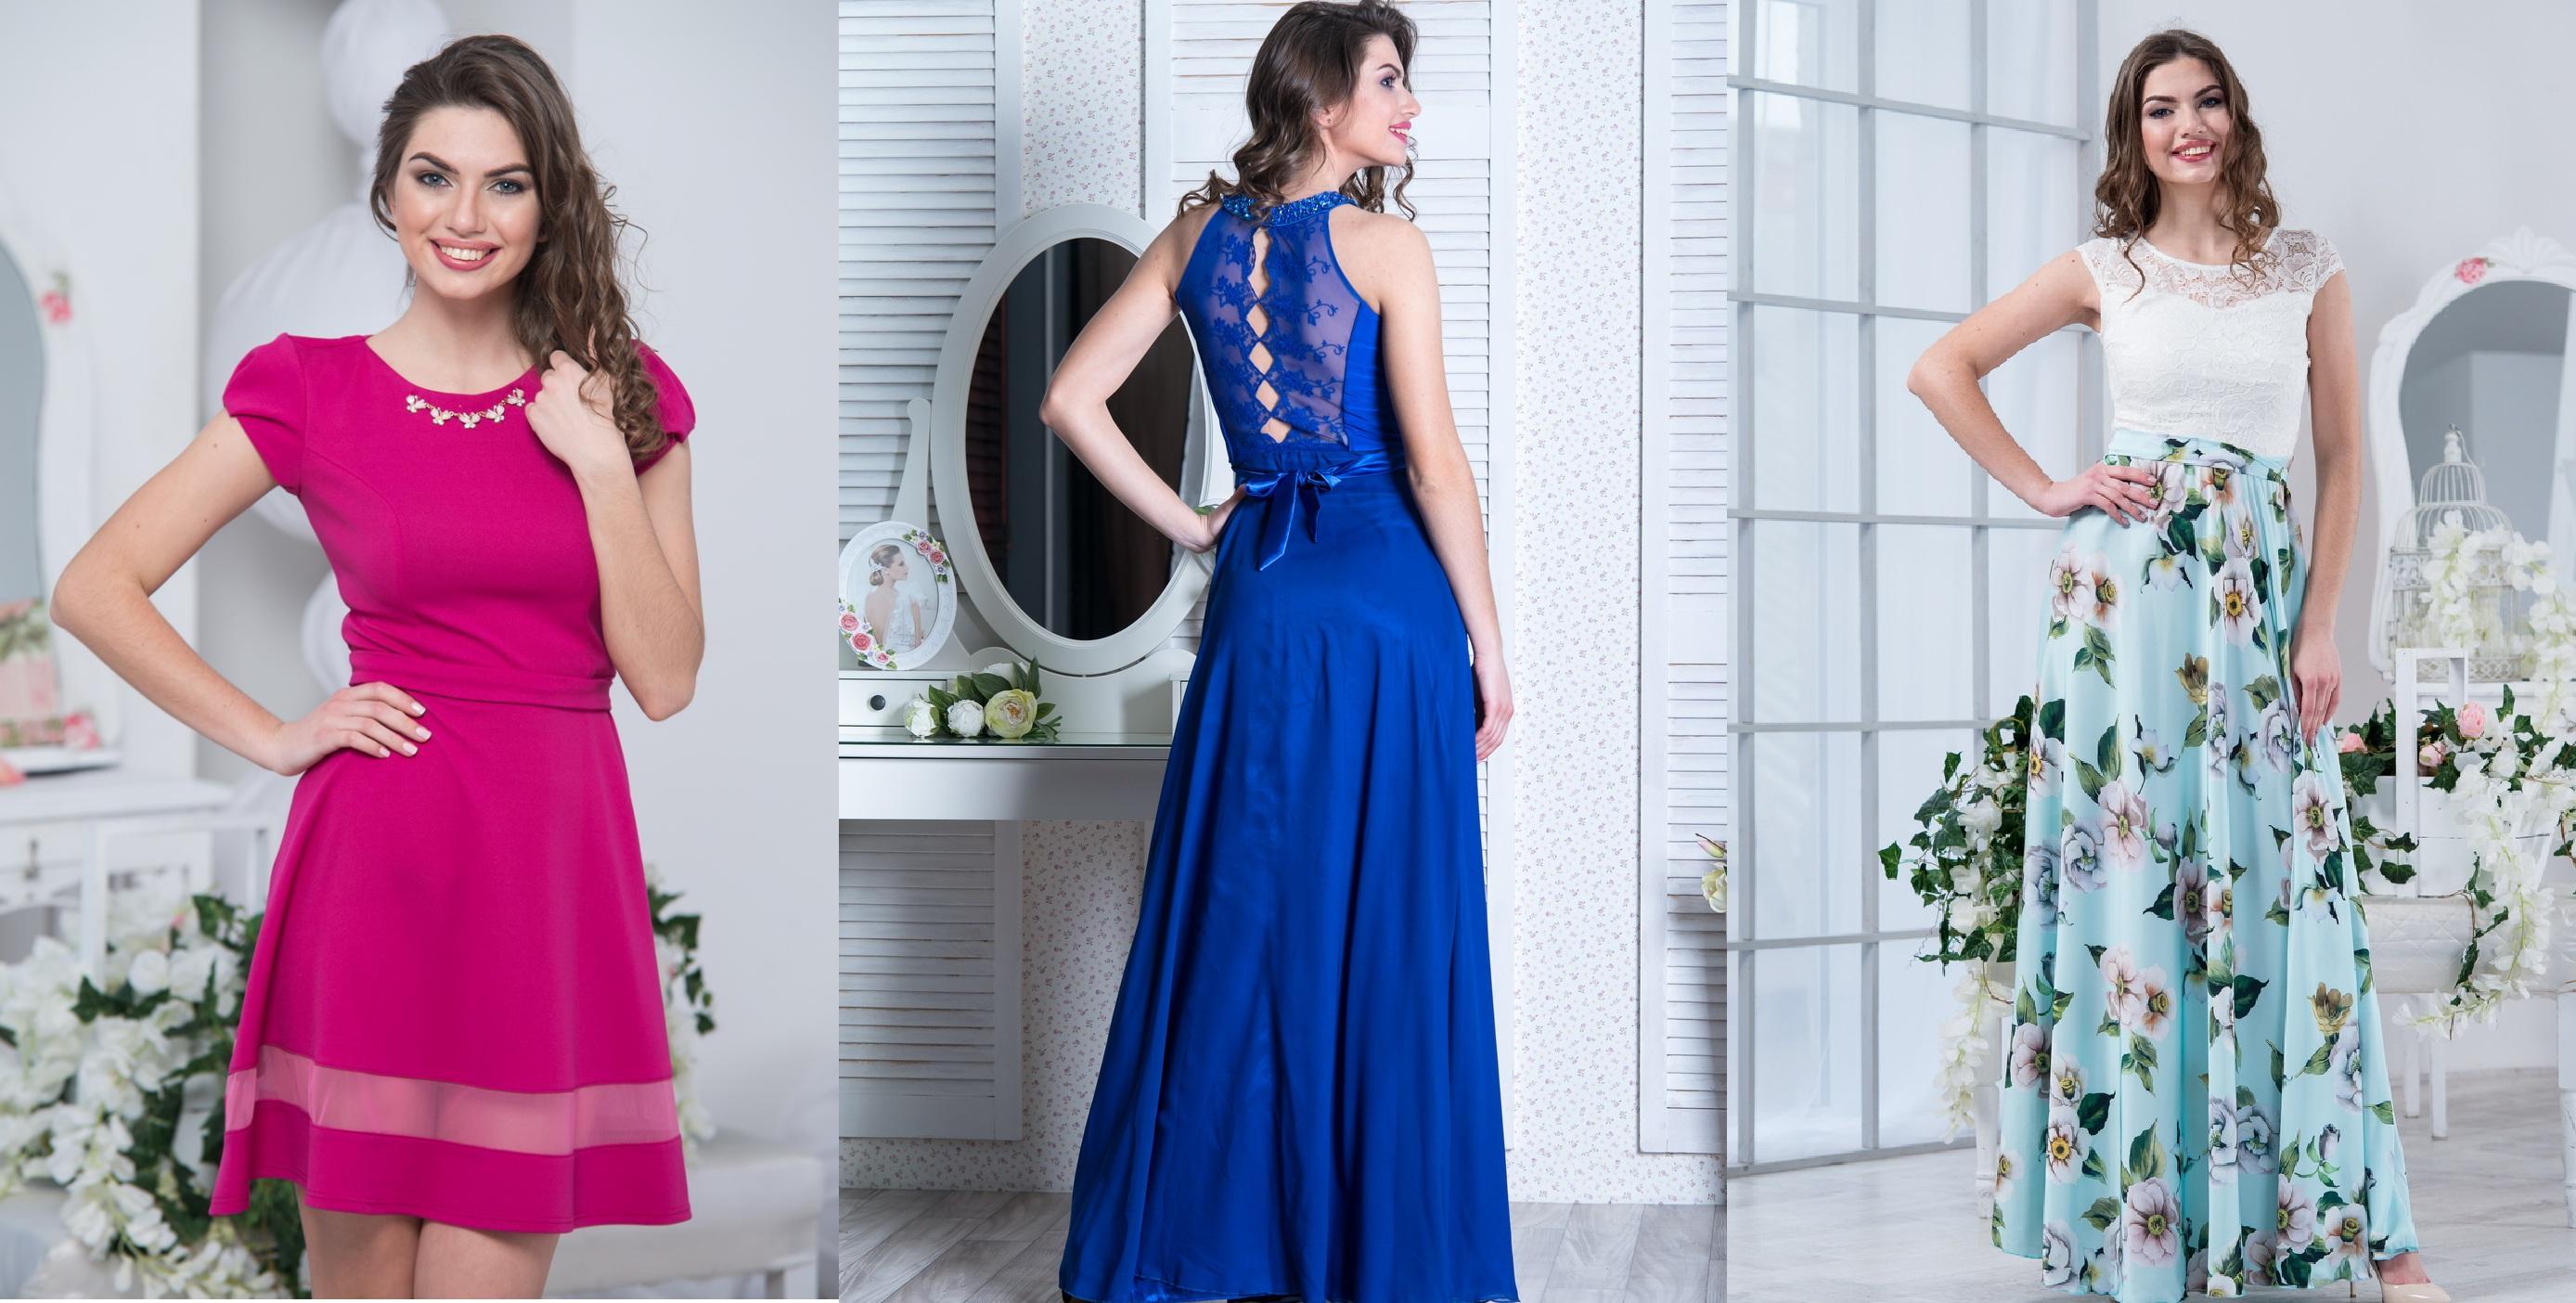 Сбор заказов. Ваша фабрика модных платьев на все случае жизни T@nita-Romario. Распродажа! Обновленный каталог! Повседневные, коктейльные, вечерние платья, а так же на выпускной - 3